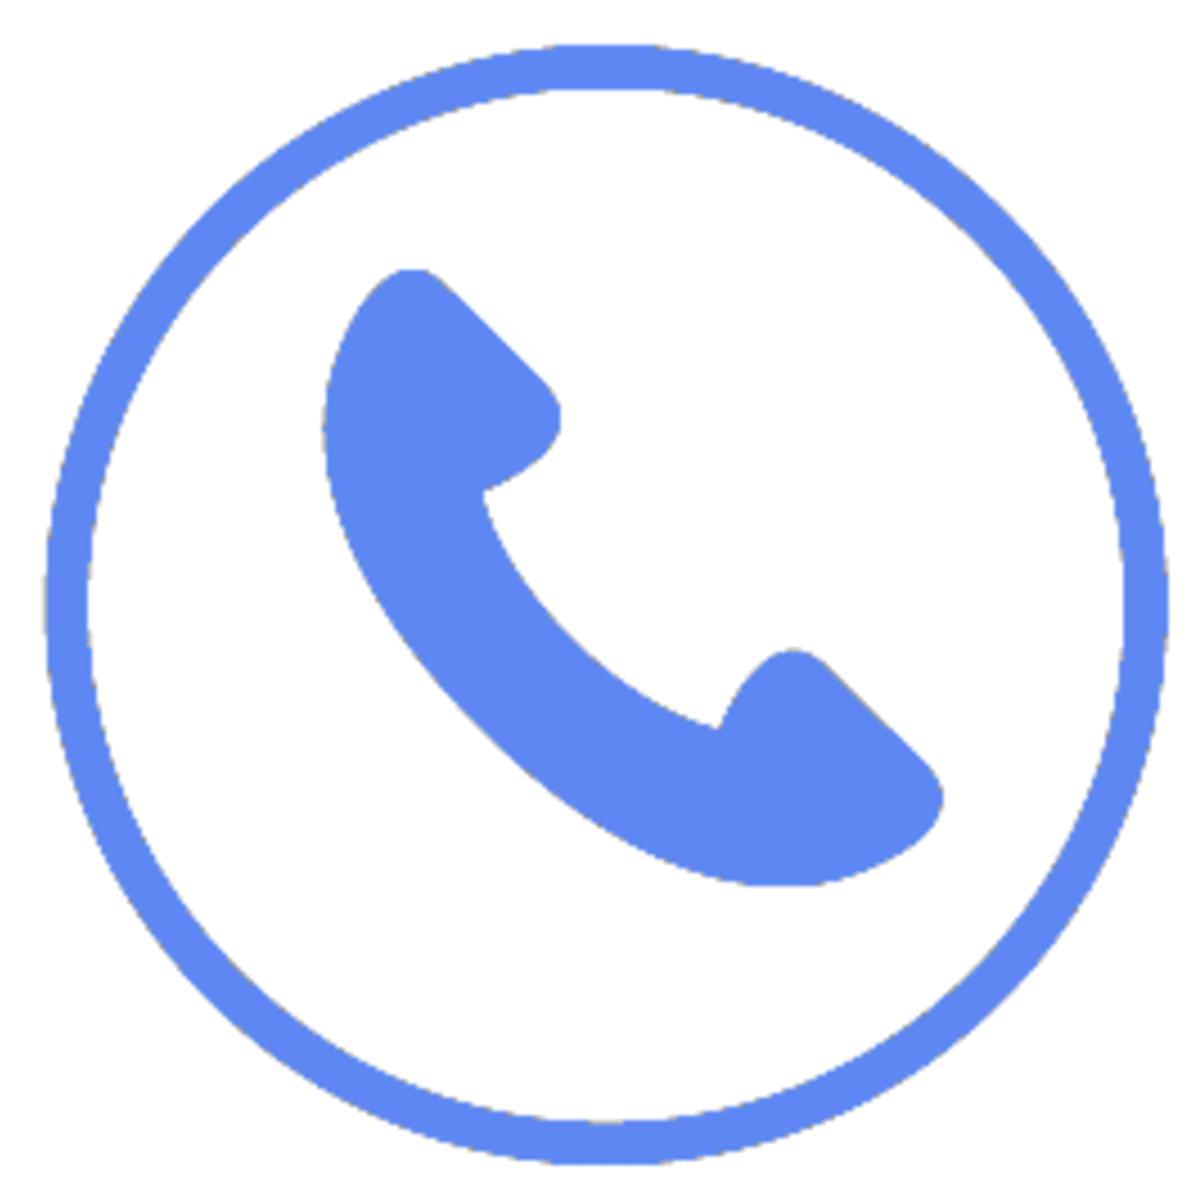 電話受付時間を表わすロゴ